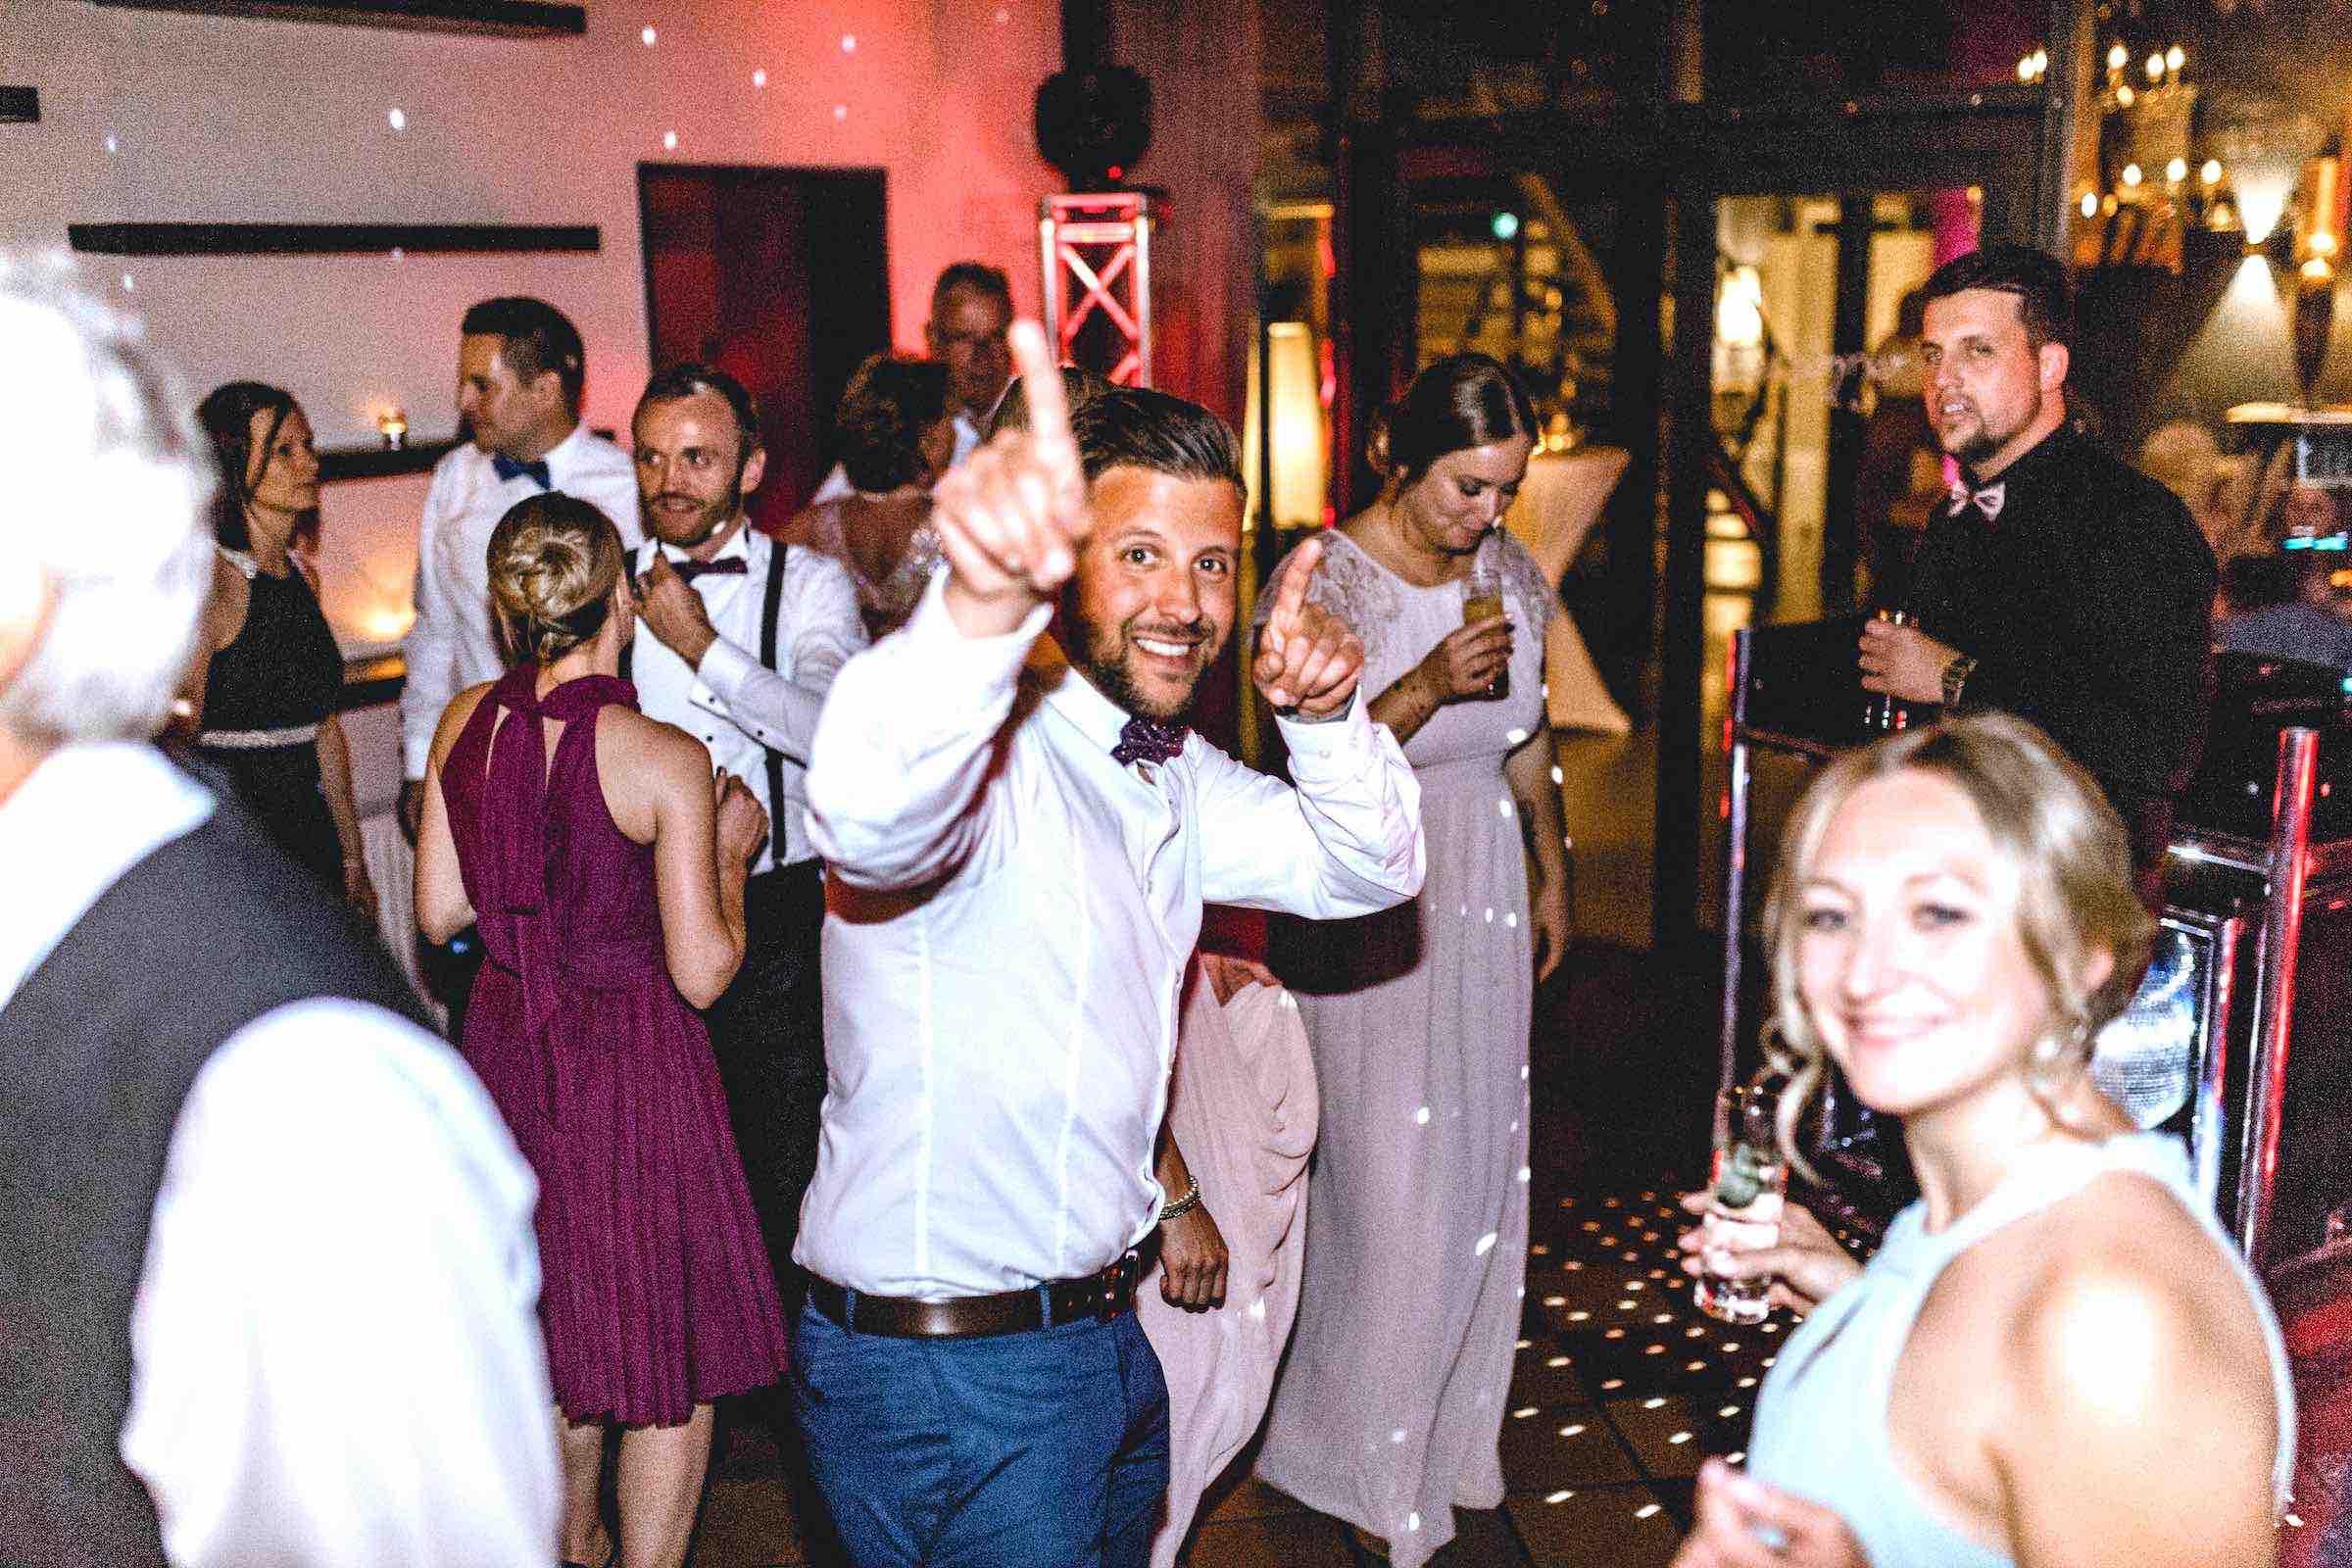 DJ | Hochzeit | Hamburg | DJ | Agentur | Hochzeits | DJ | Messe | DJ | Firmenevent | Firmenfeier | DJ | Geburtstag | Discjockey | Weihnachtsfeier | DJ | Sommerfest | Event | Buchen | Mieten | Hamburgfeiert